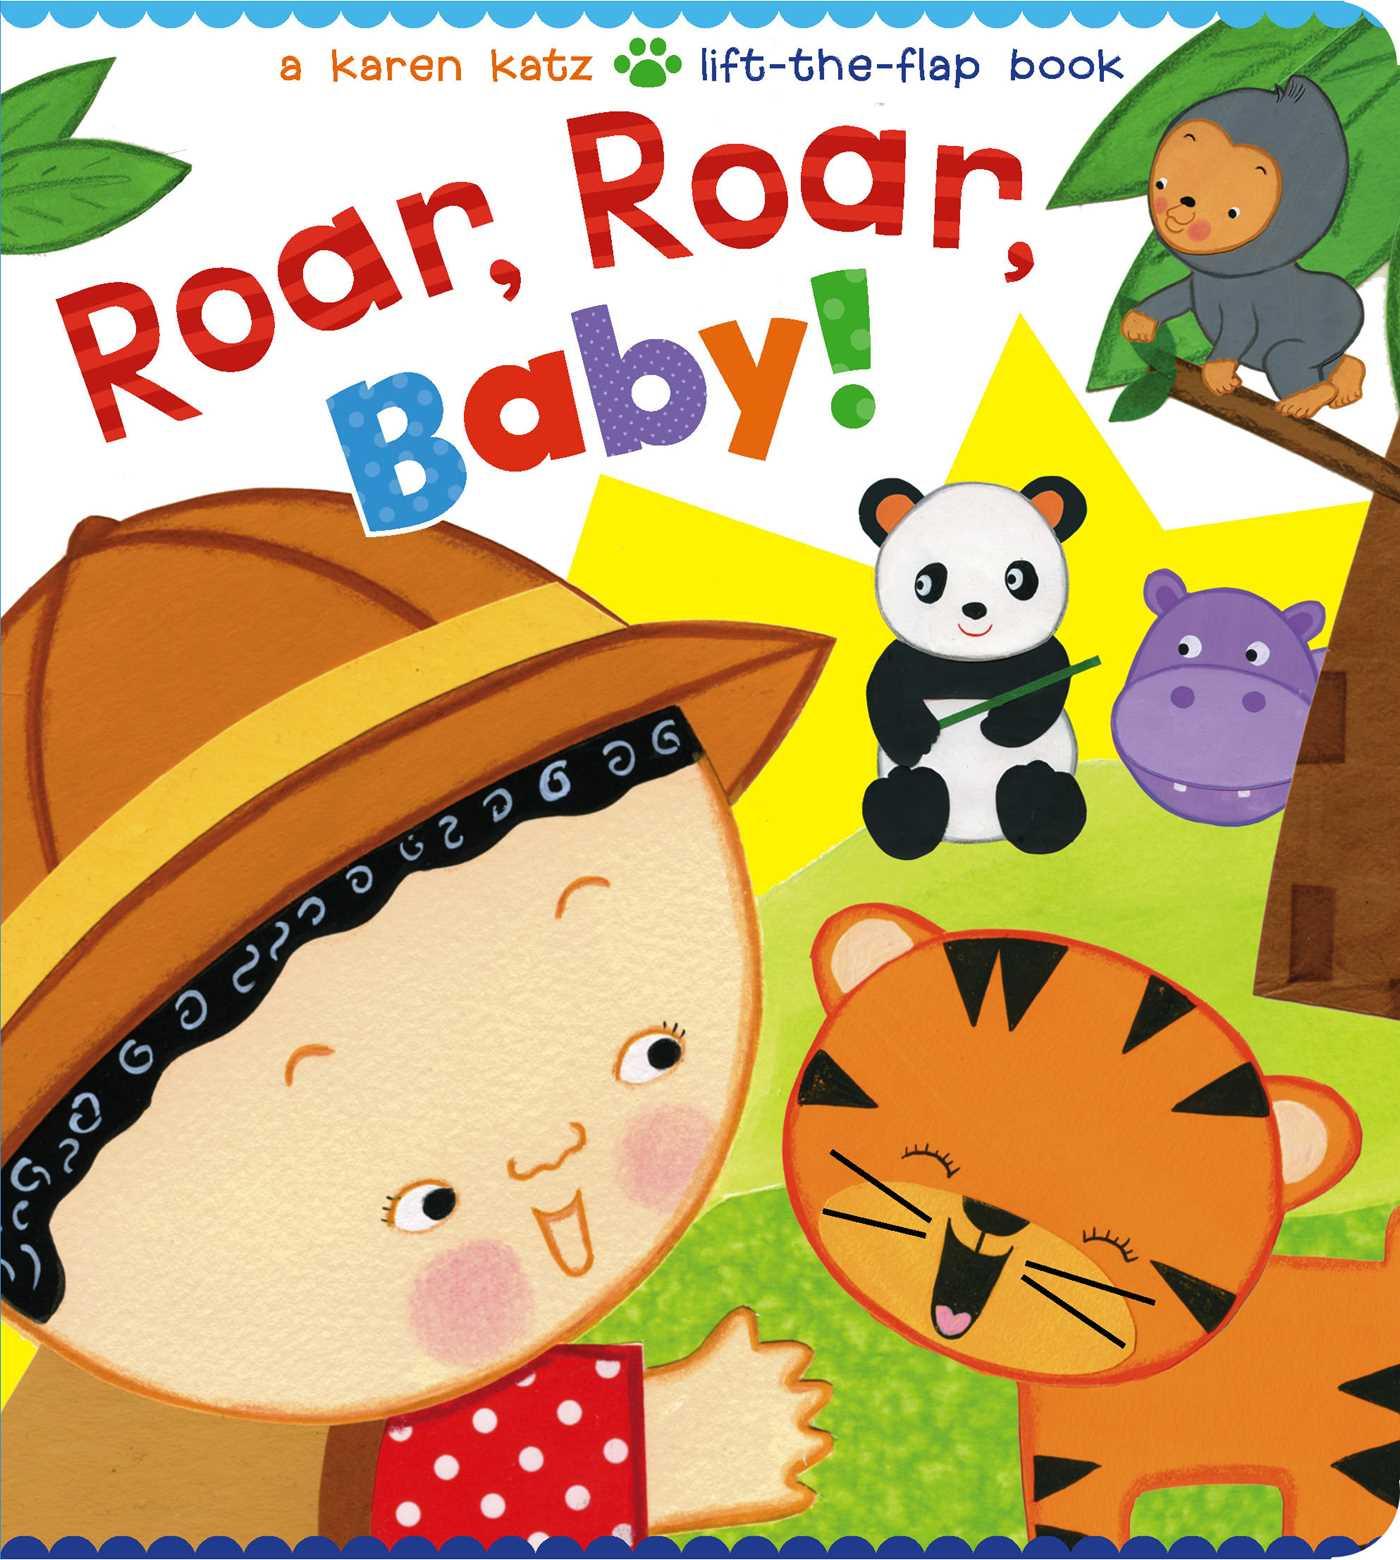 Roar roar baby 9781481417884 hr